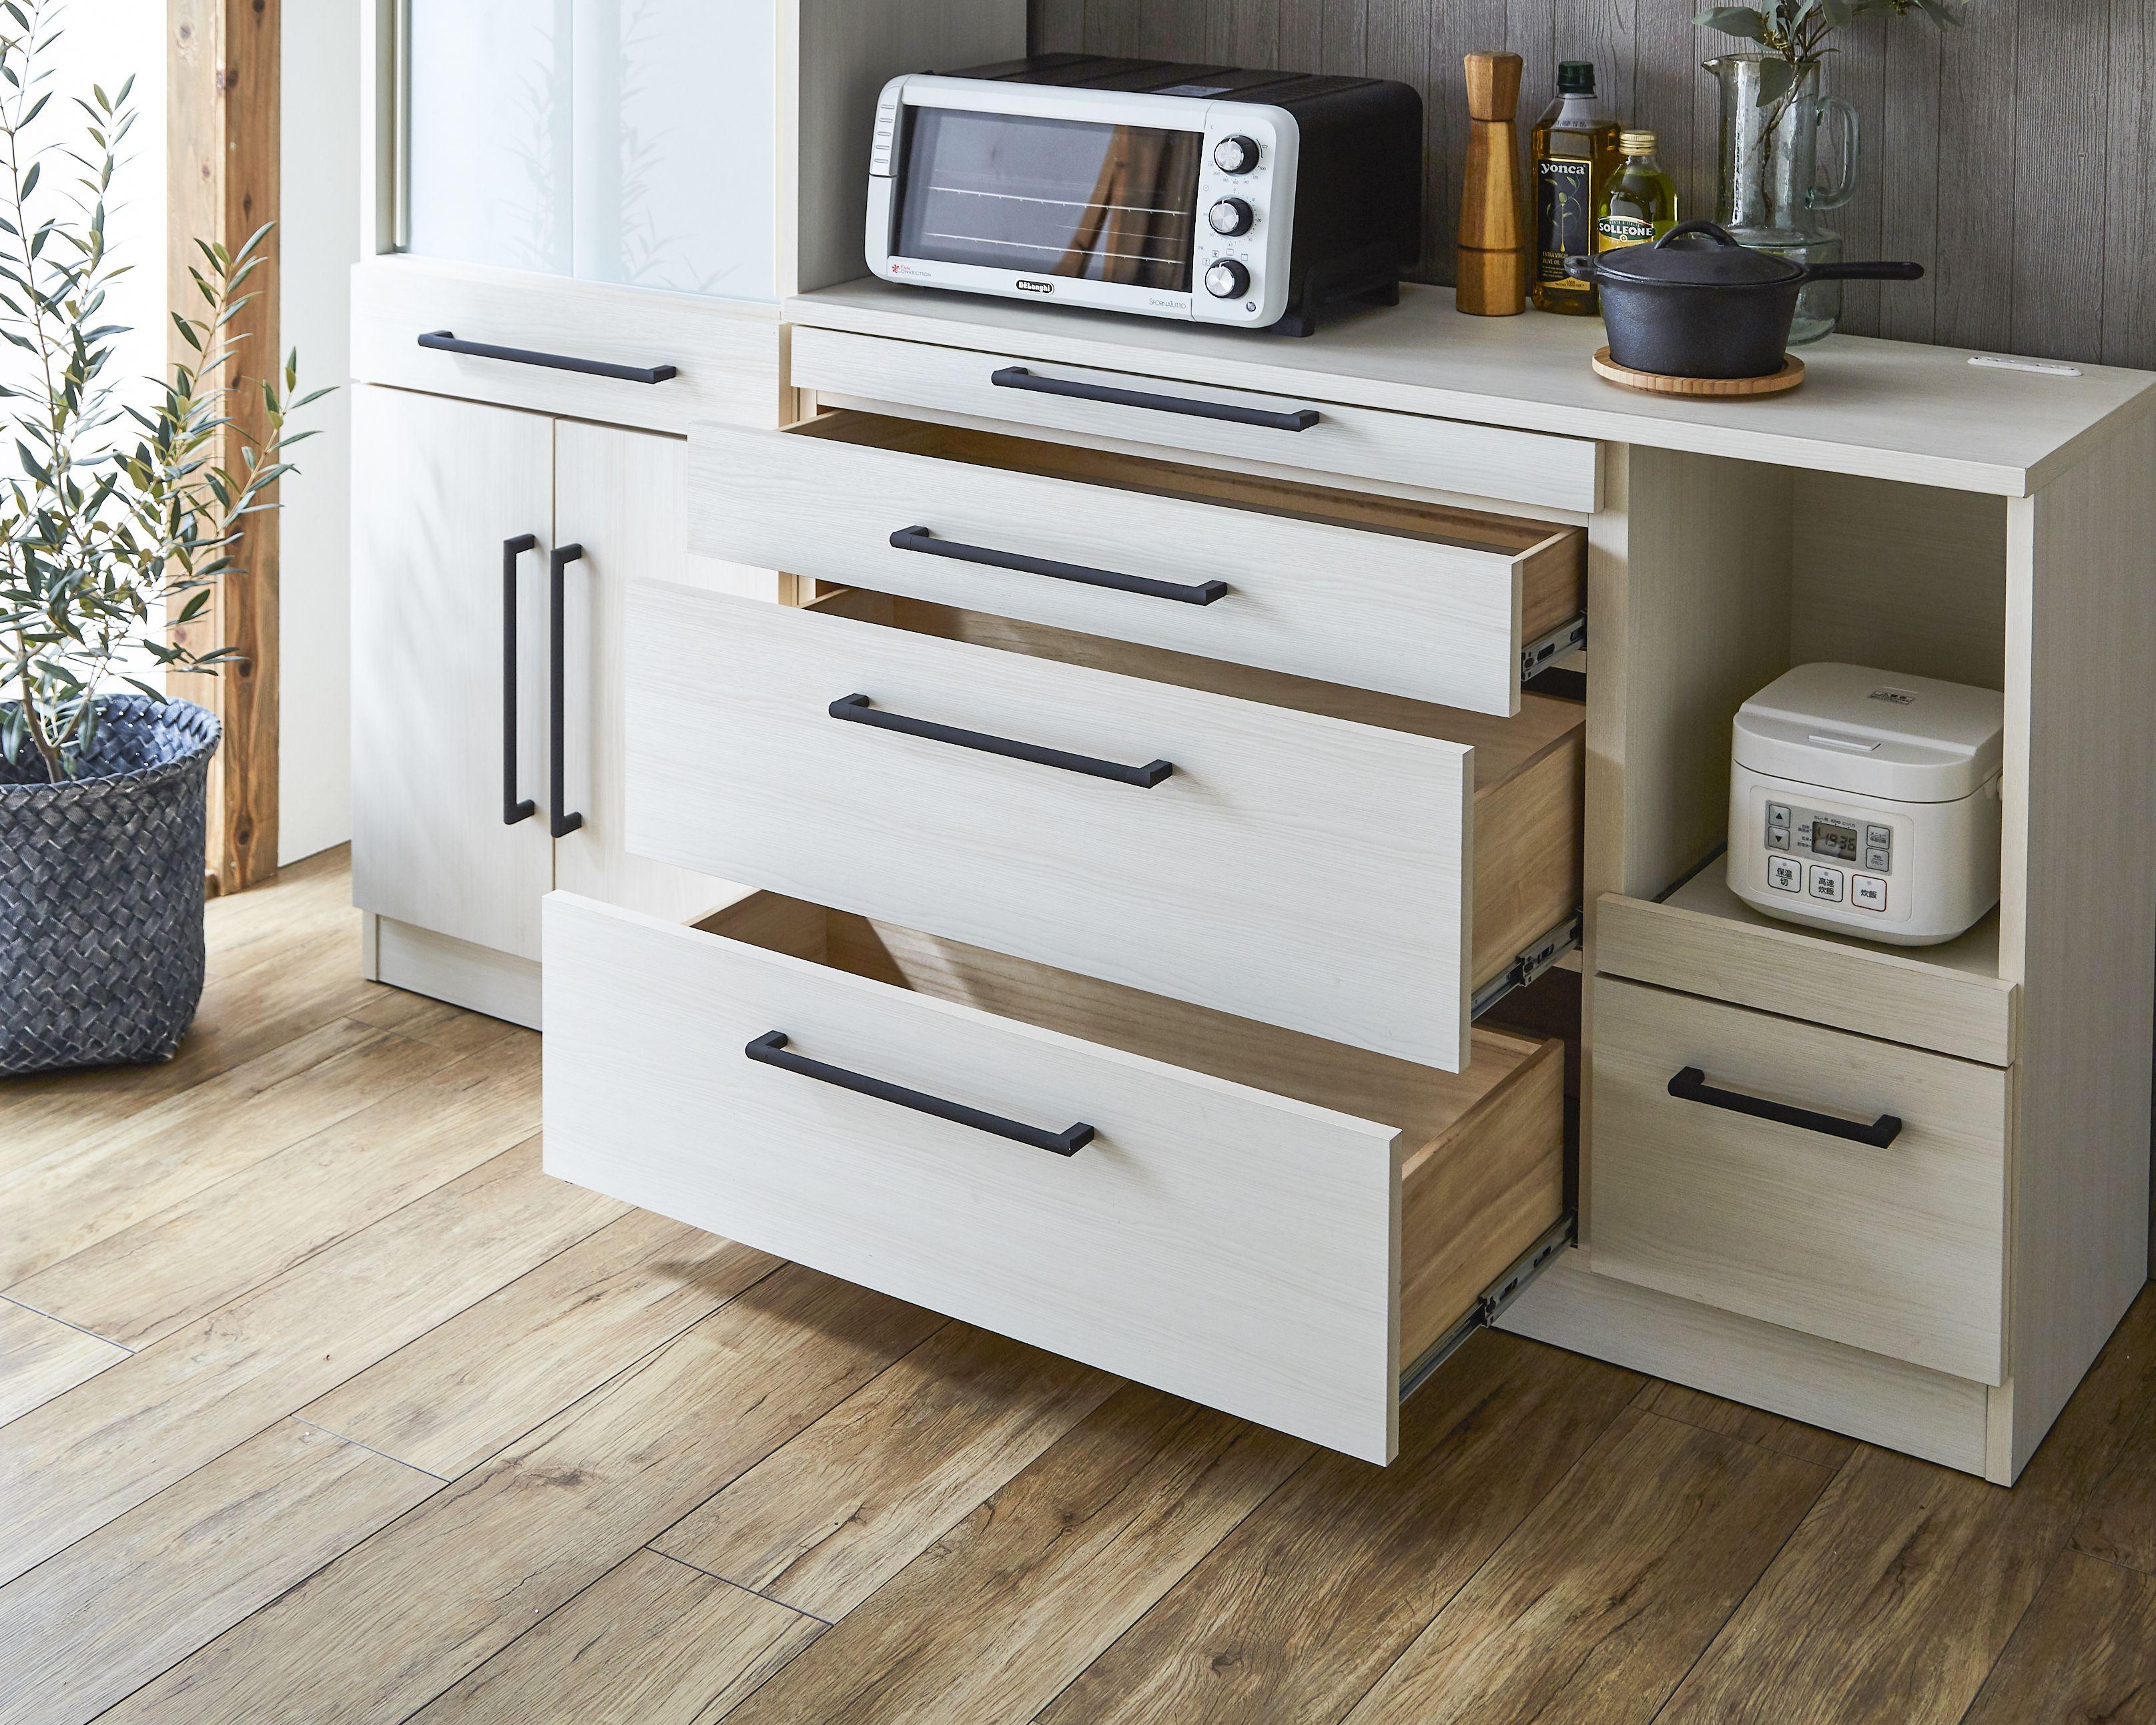 食器棚 レンジ台 レンジボード おしゃれまとめの人気アイデア Pinterest 手作り家具工房 日本の匠 レンジ台 食器棚 食器